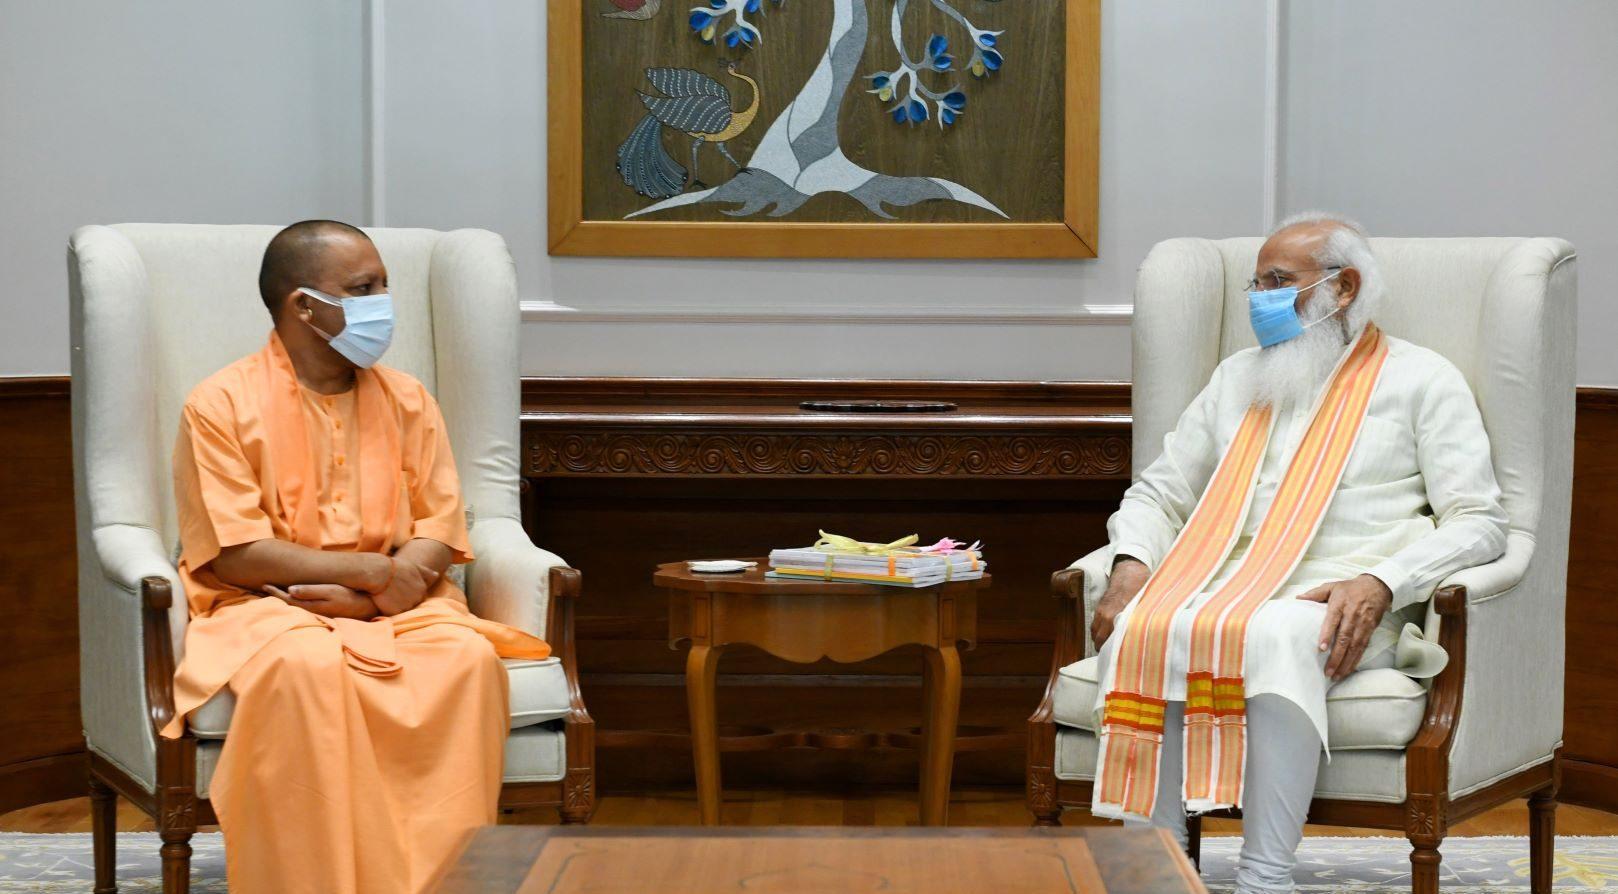 प्रधानमंत्री नरेंद्र मोदी के साथ योगी आदित्यनाथ. (फोटो साभार: पीएमओ)